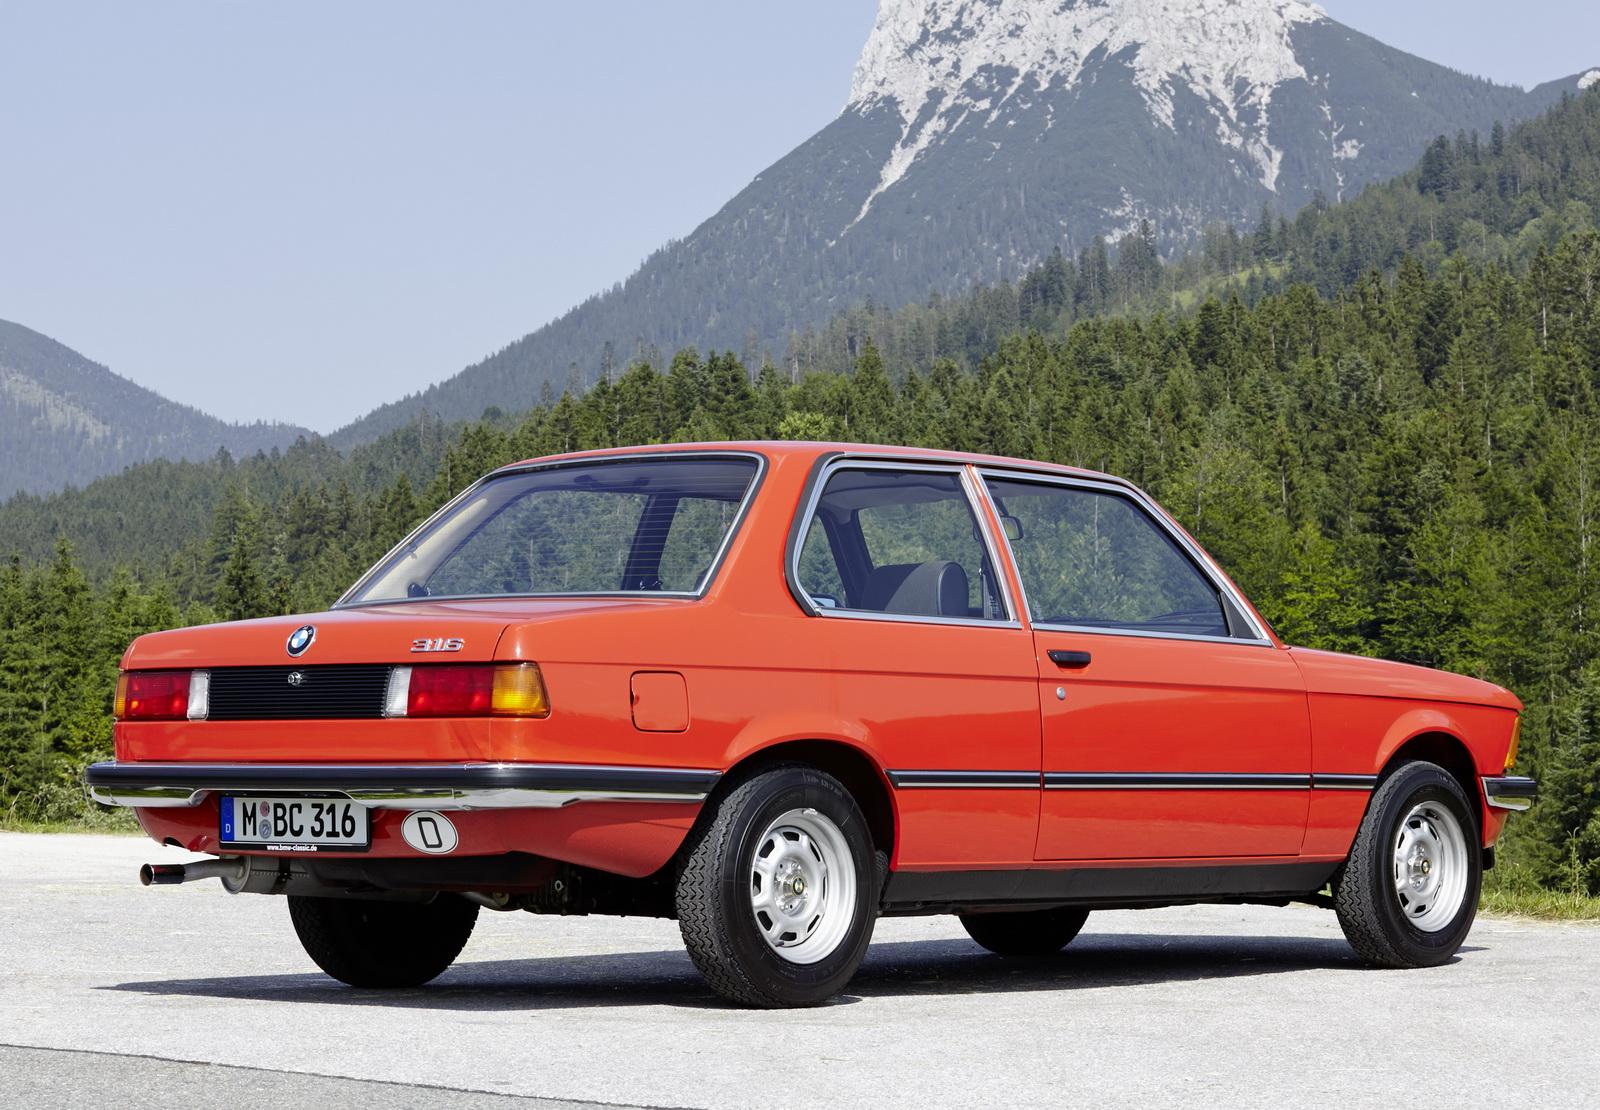 เครื่องยนต์ 4 สูบที่พัฒนาตั้งแต่ยุค 60s สืบทอดมาเป็นเวลานาน ทั้งในรถบ้านและรถพันธุ์แรงของ BMW